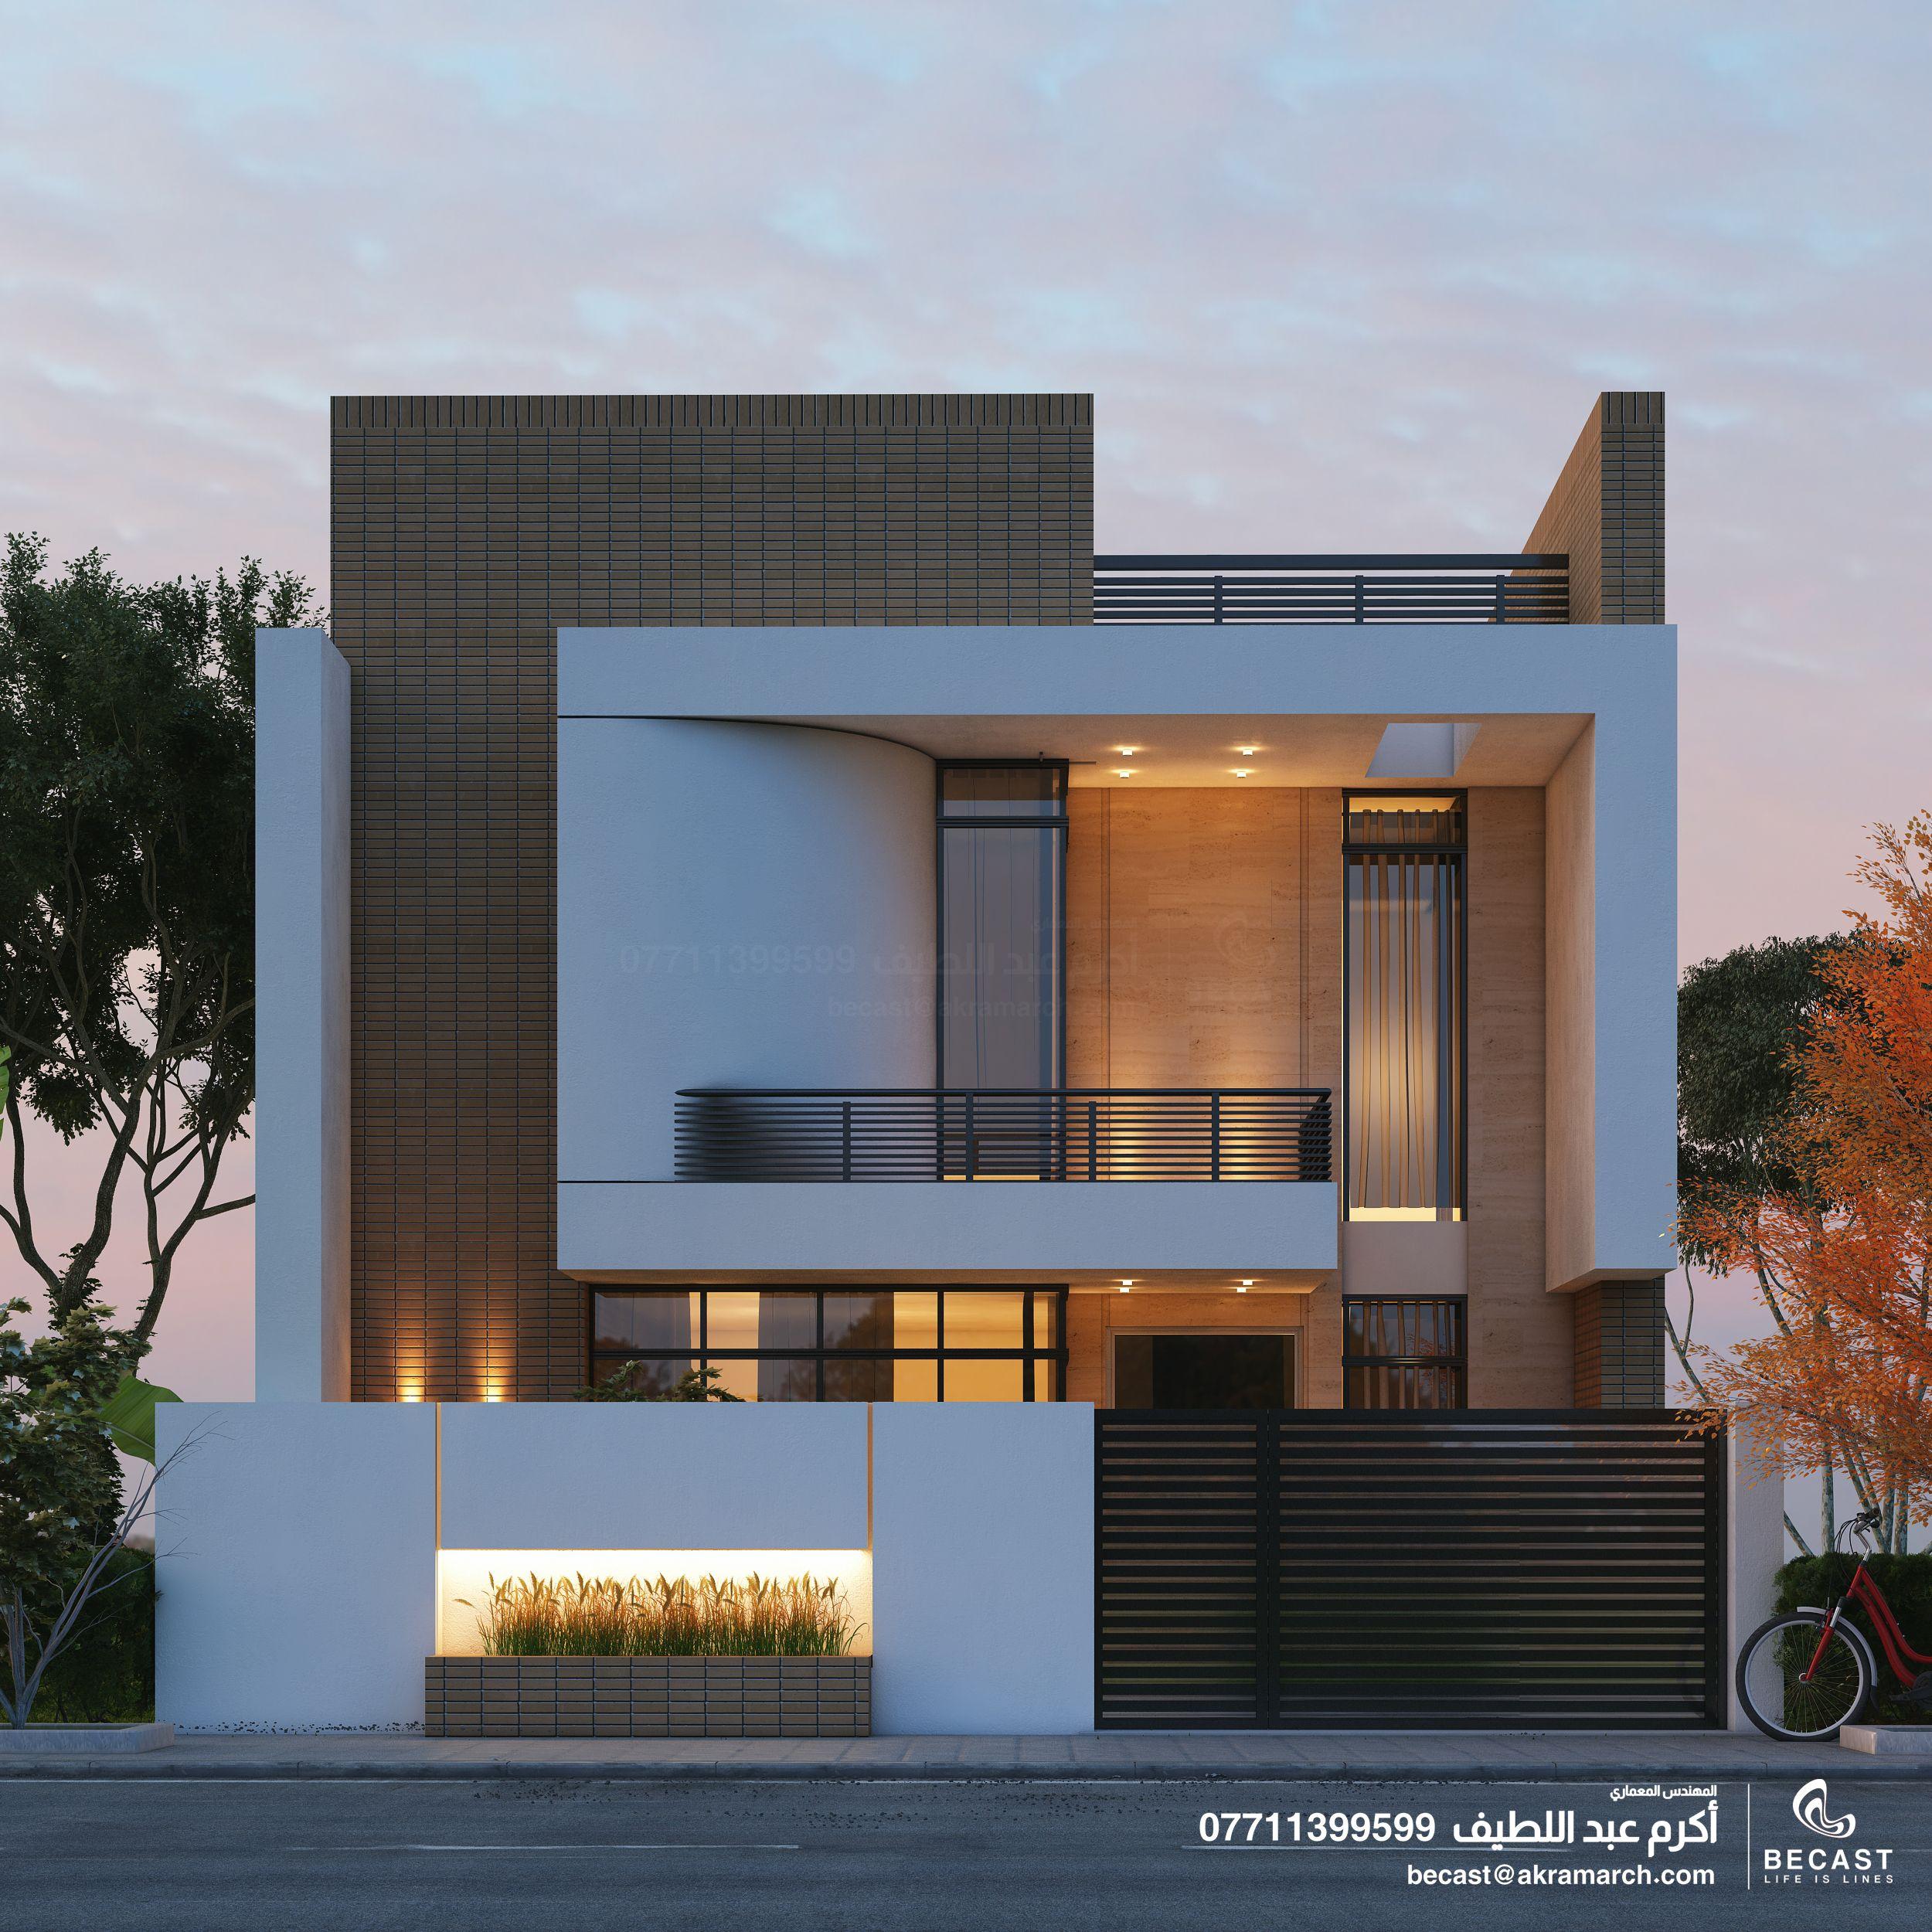 تصميم واجهة 12 متر لمنزل في بغداد House Front Design House Styles Modern House